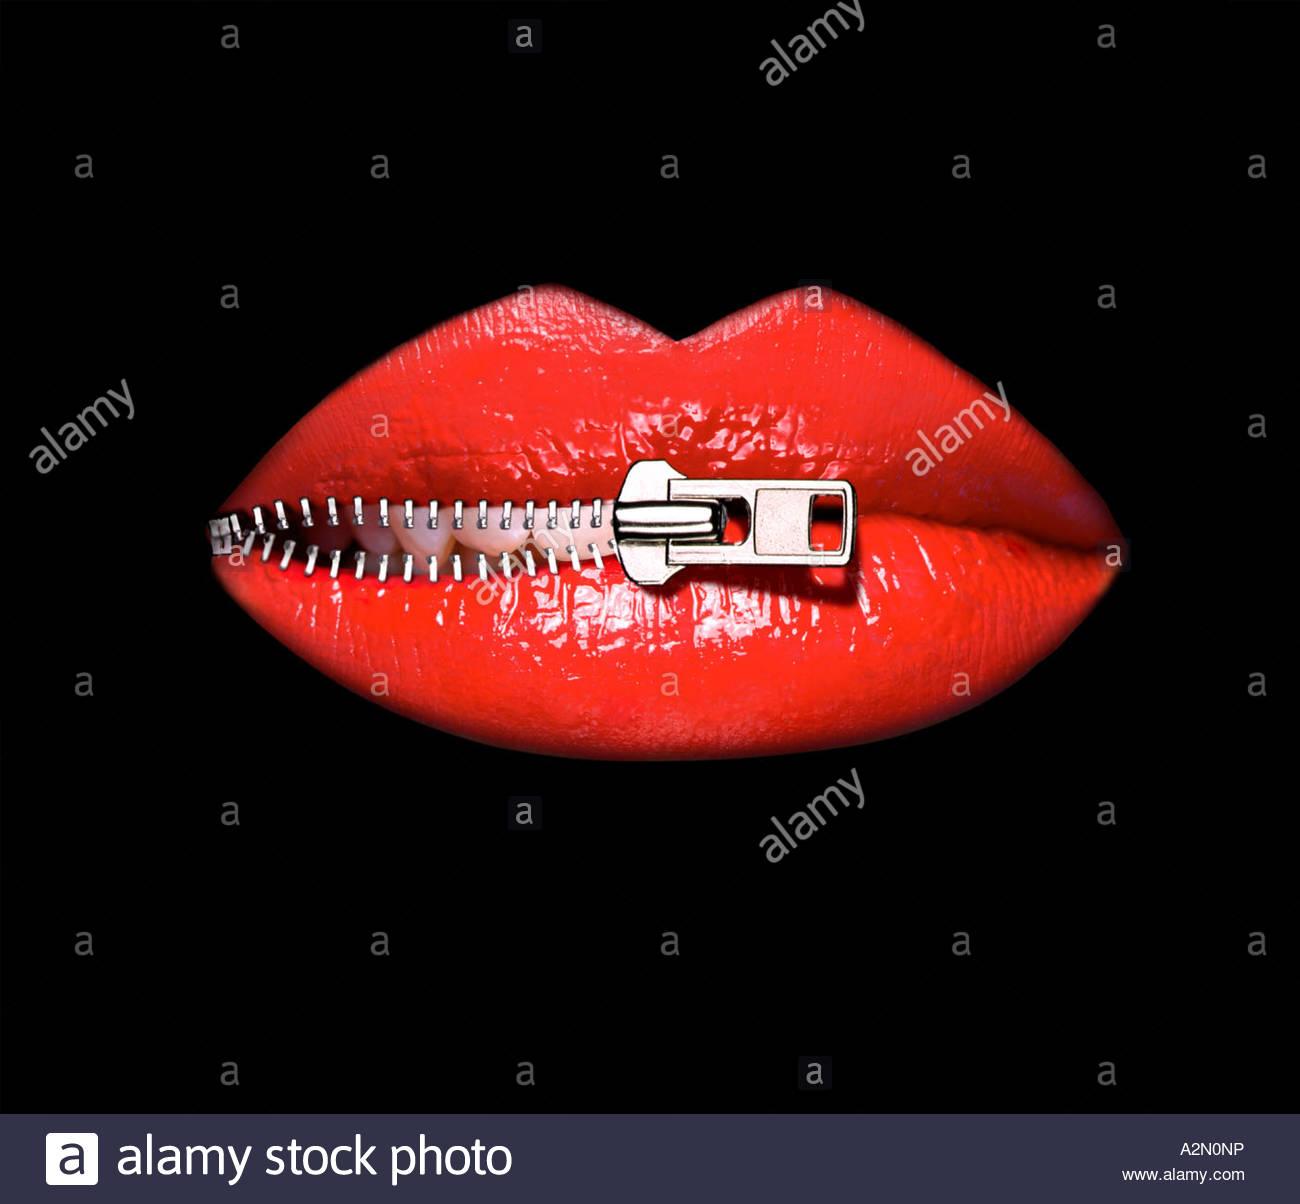 Grafik eines Weibes Lippen wird entpackt. Close-up Ausschnitt auf schwarzem Hintergrund Stockbild